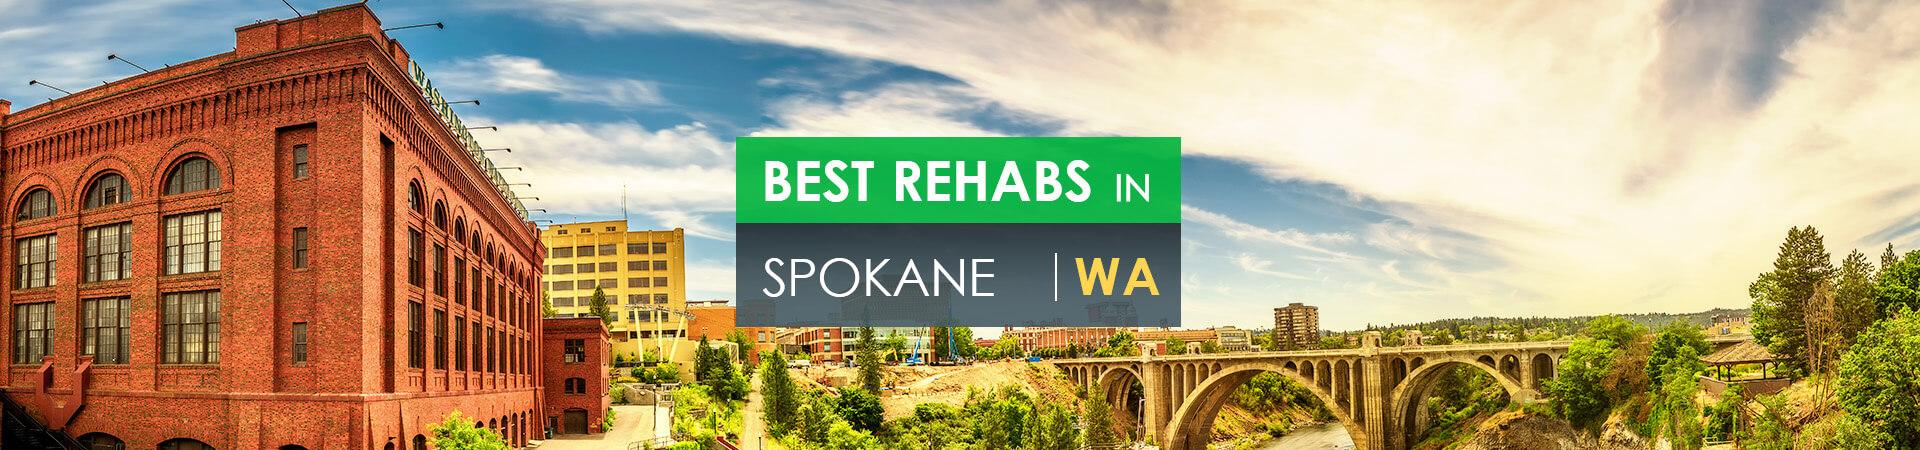 Best rehabs in Spokane, WA